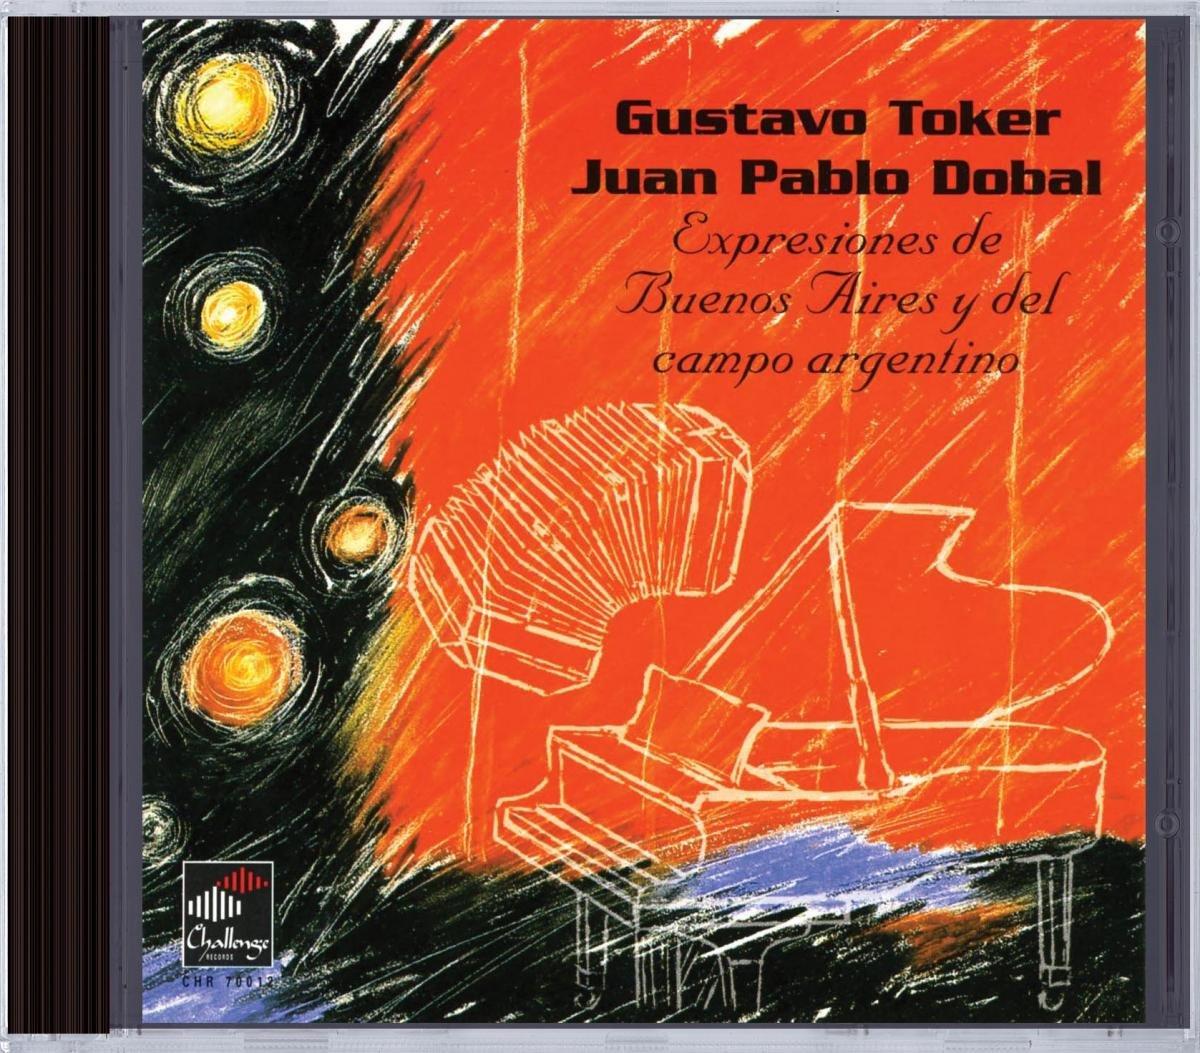 VARIOUS ARTISTS - Expresiones de Buenos Aires y Del Campo Argentino - Amazon.com Music